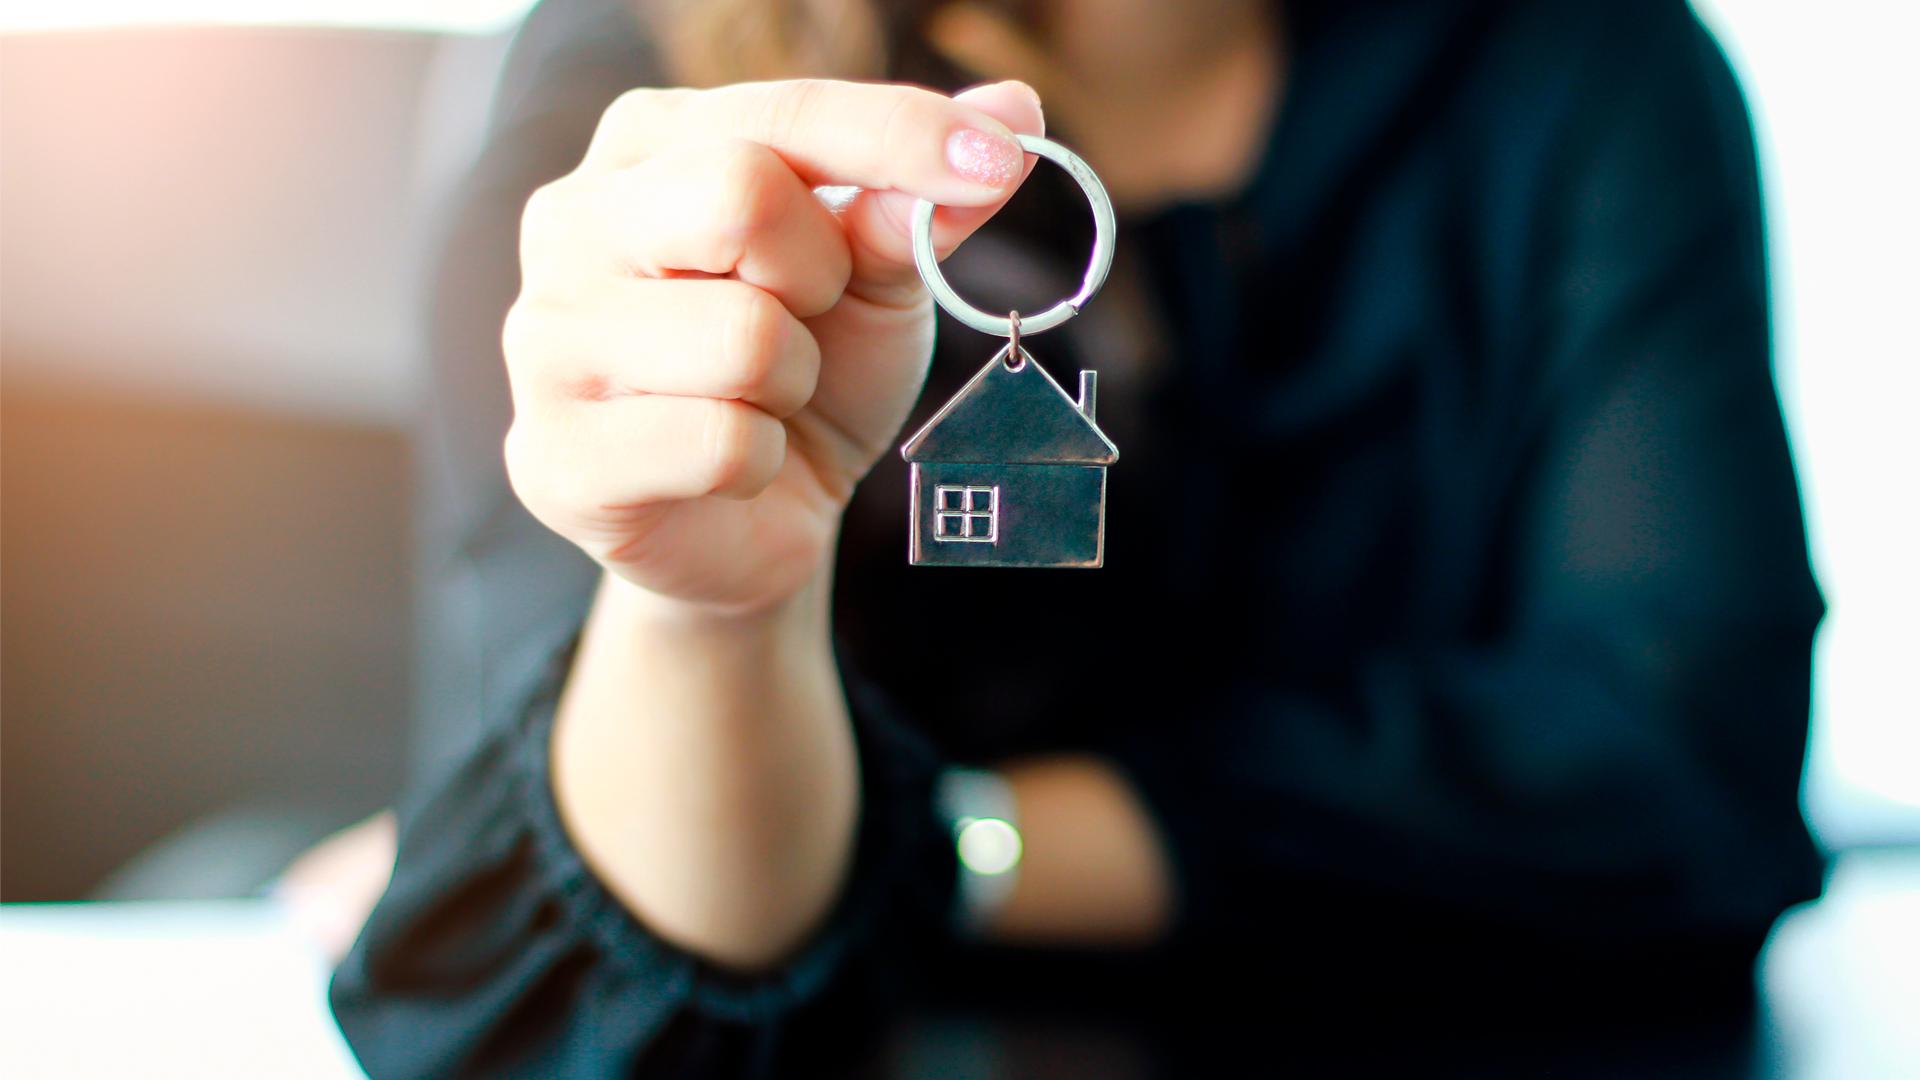 Asunnon avaimet naisen kädessä